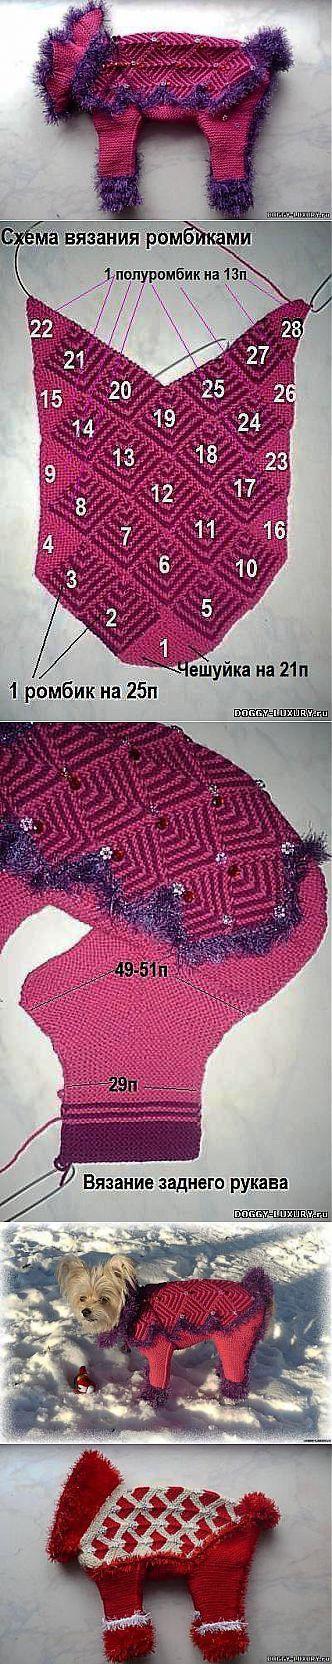 МК № 13 Вязание свитера и комбеза с застежкой по низу. - Шьем одежду для собак